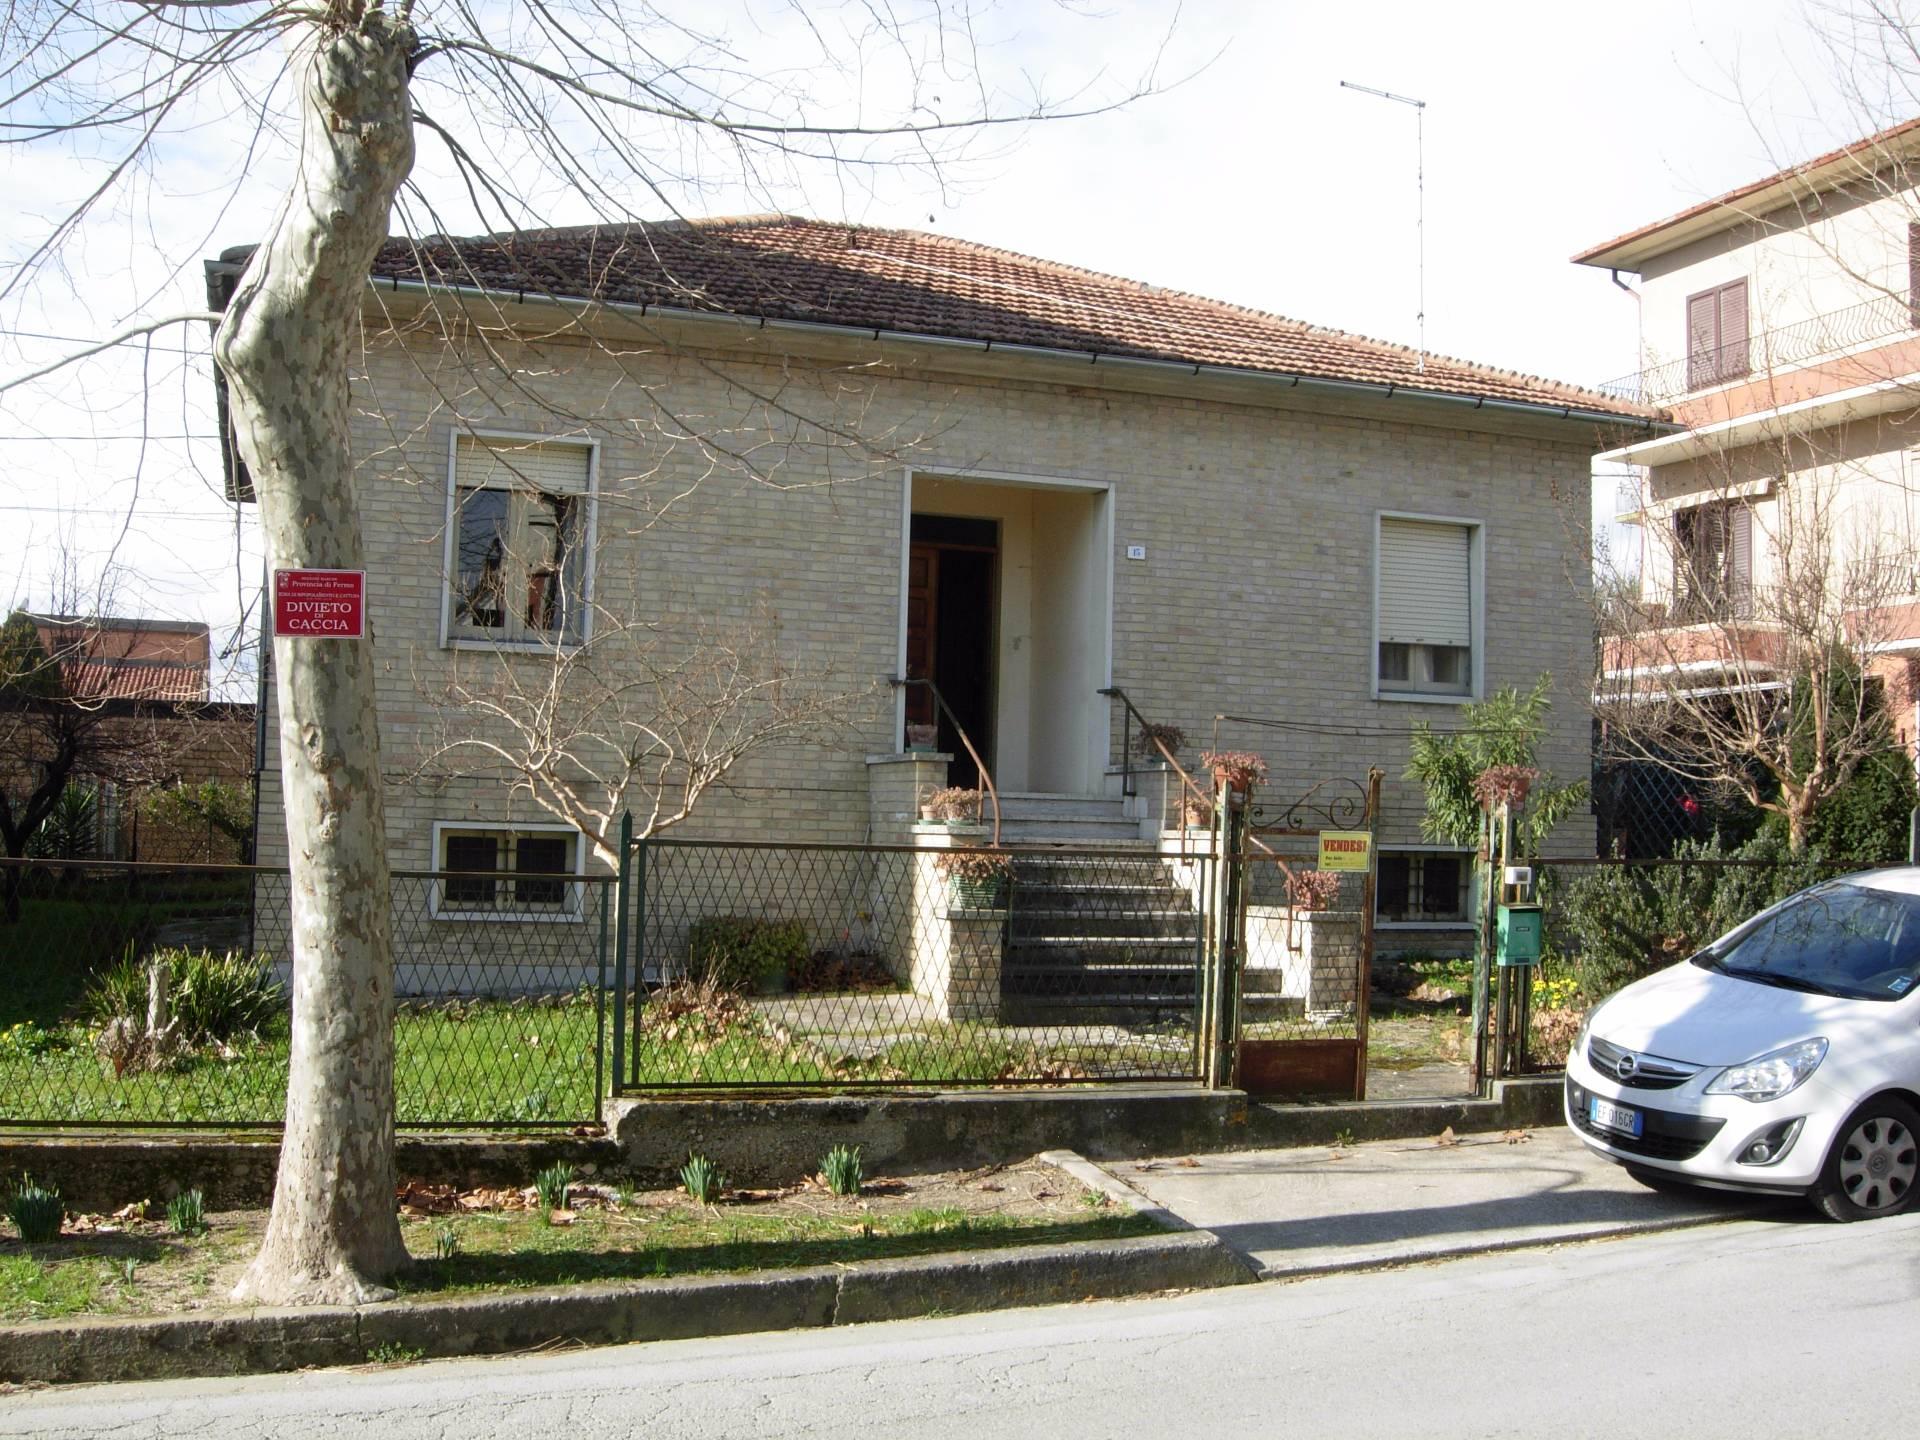 Soluzione Indipendente in vendita a Falerone, 5 locali, prezzo € 110.000 | CambioCasa.it